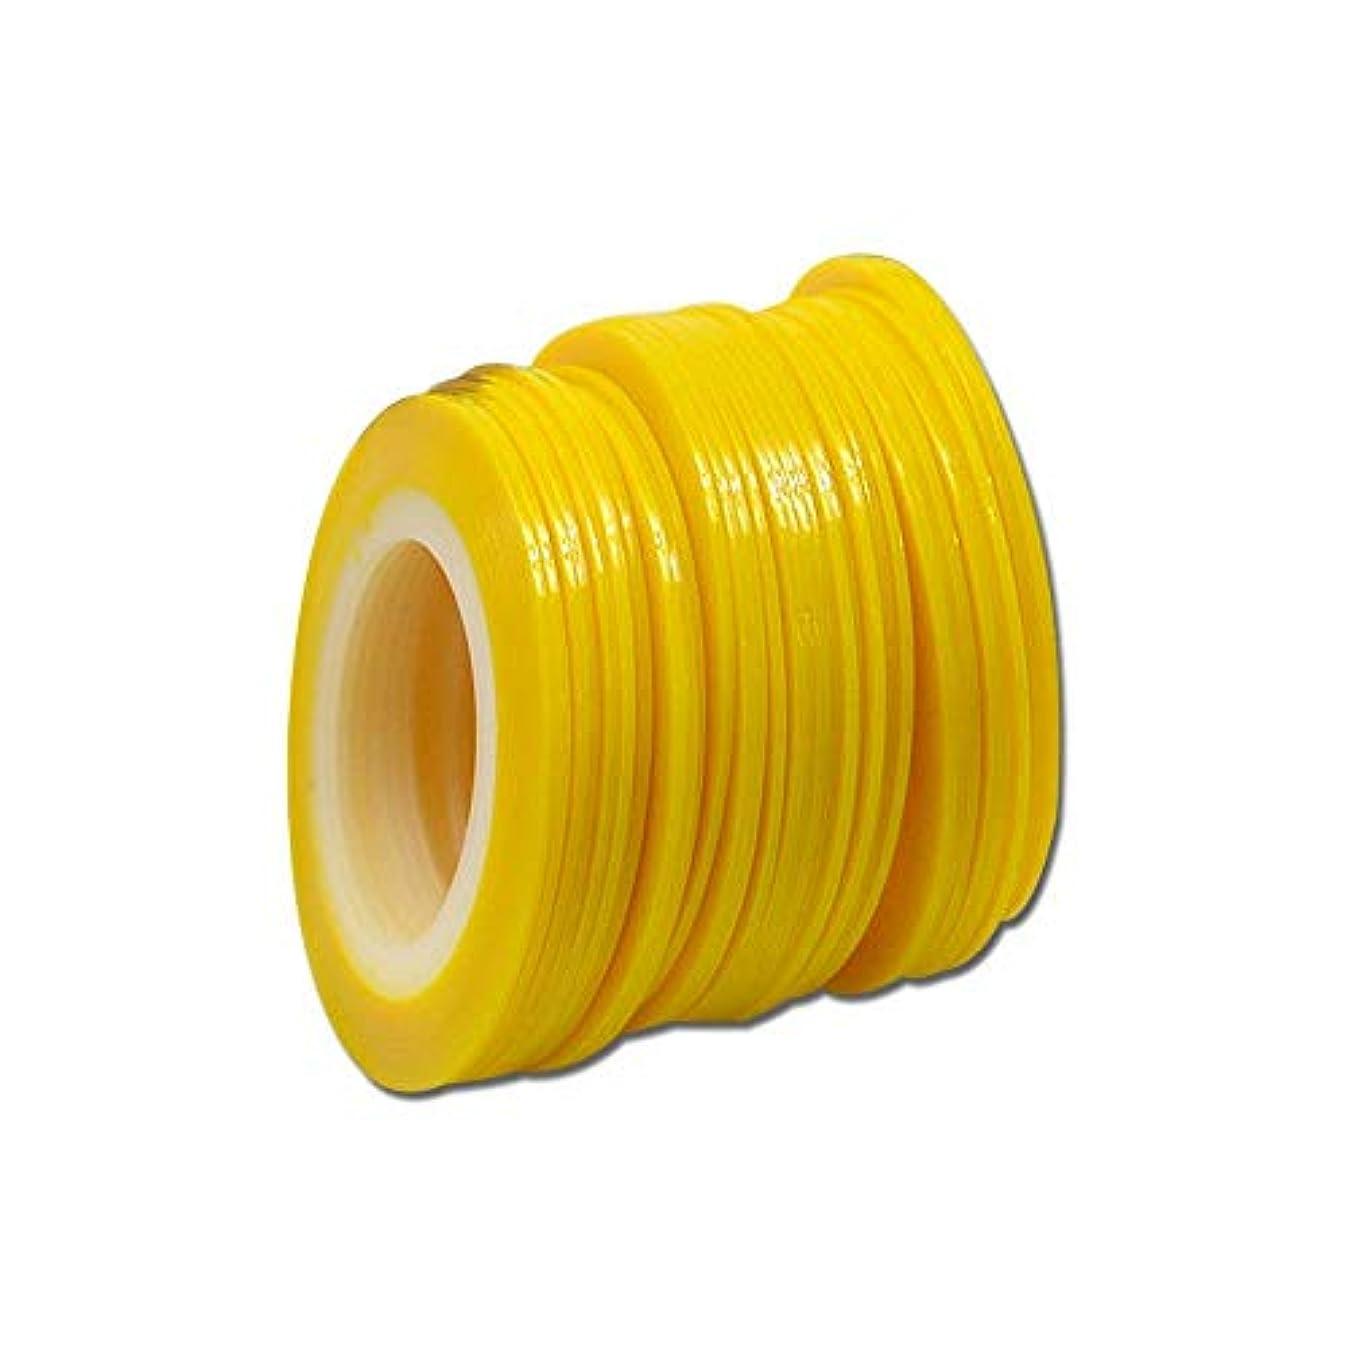 きちんとした優れた検査官SUKTI&XIAO ネイルステッカー 100個1ミリメートル色蛍光ストライプライン美容のヒントネイルステッカーネイルアートロールストライピング、黄色